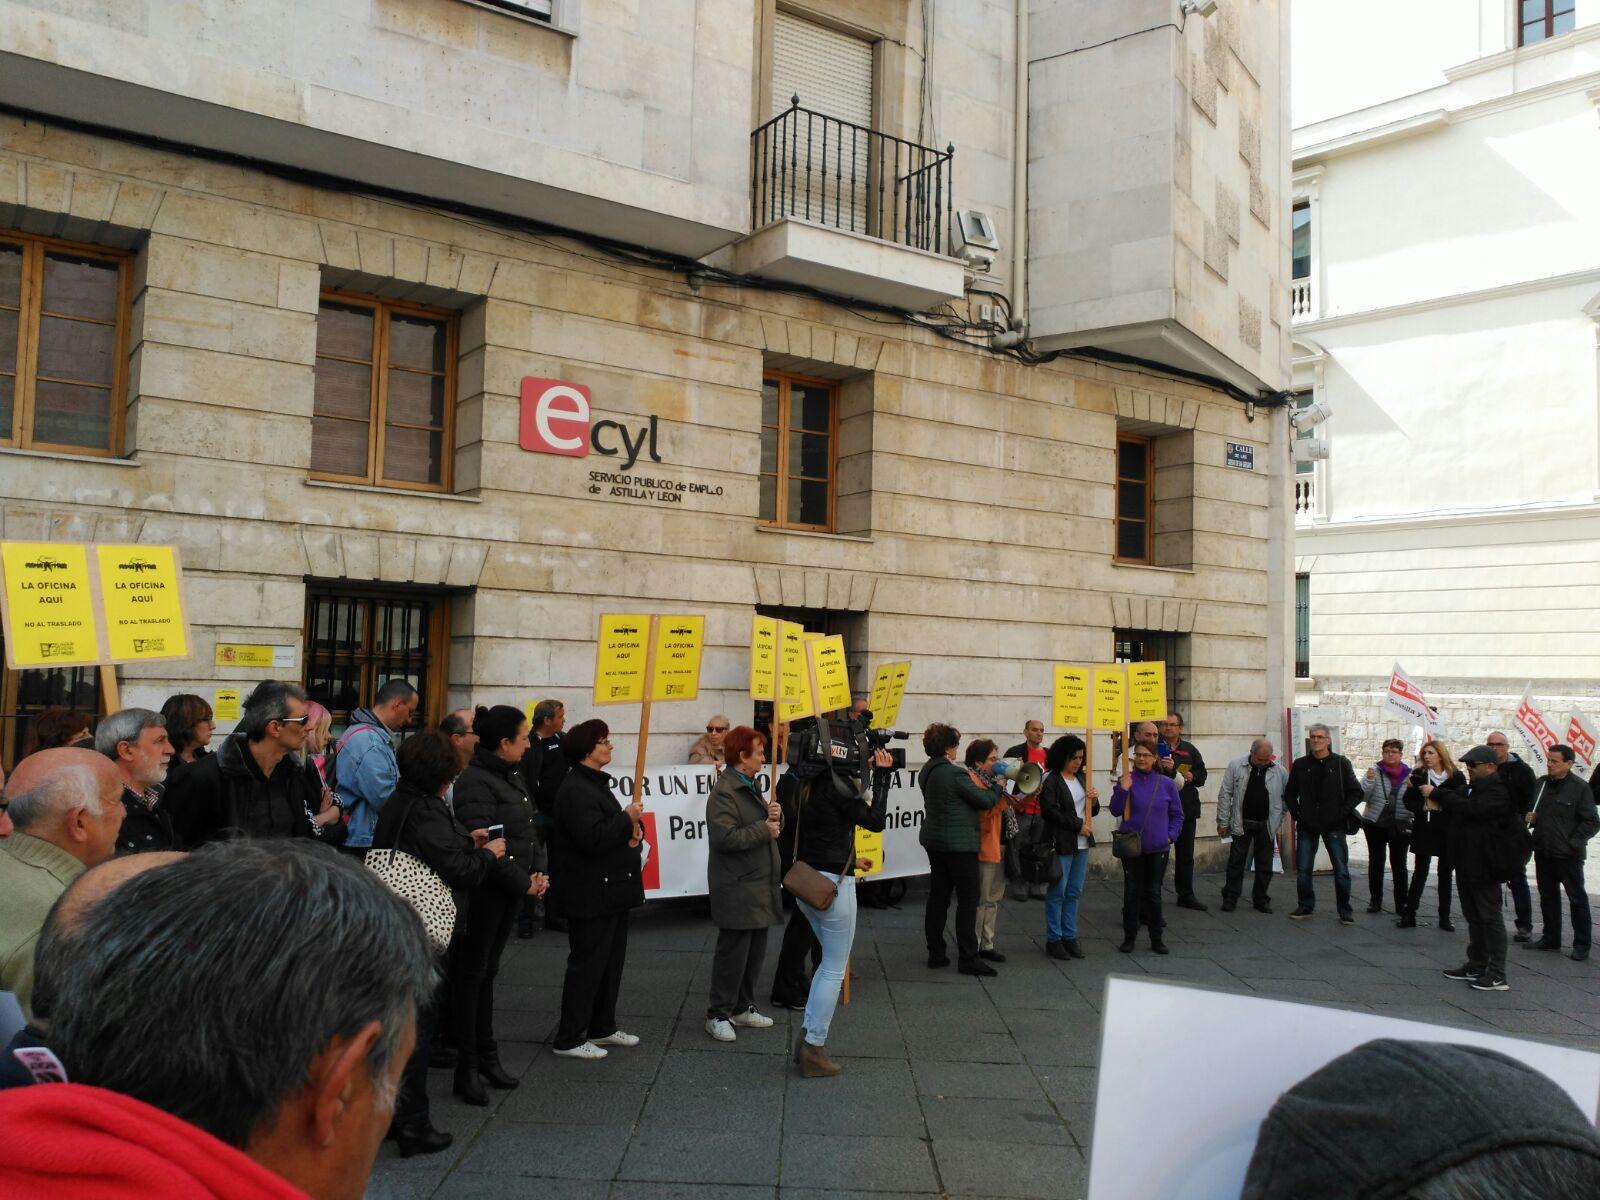 Manifiesto sobre el traslado de la oficina del ecyl for Oficinas de empleo valladolid